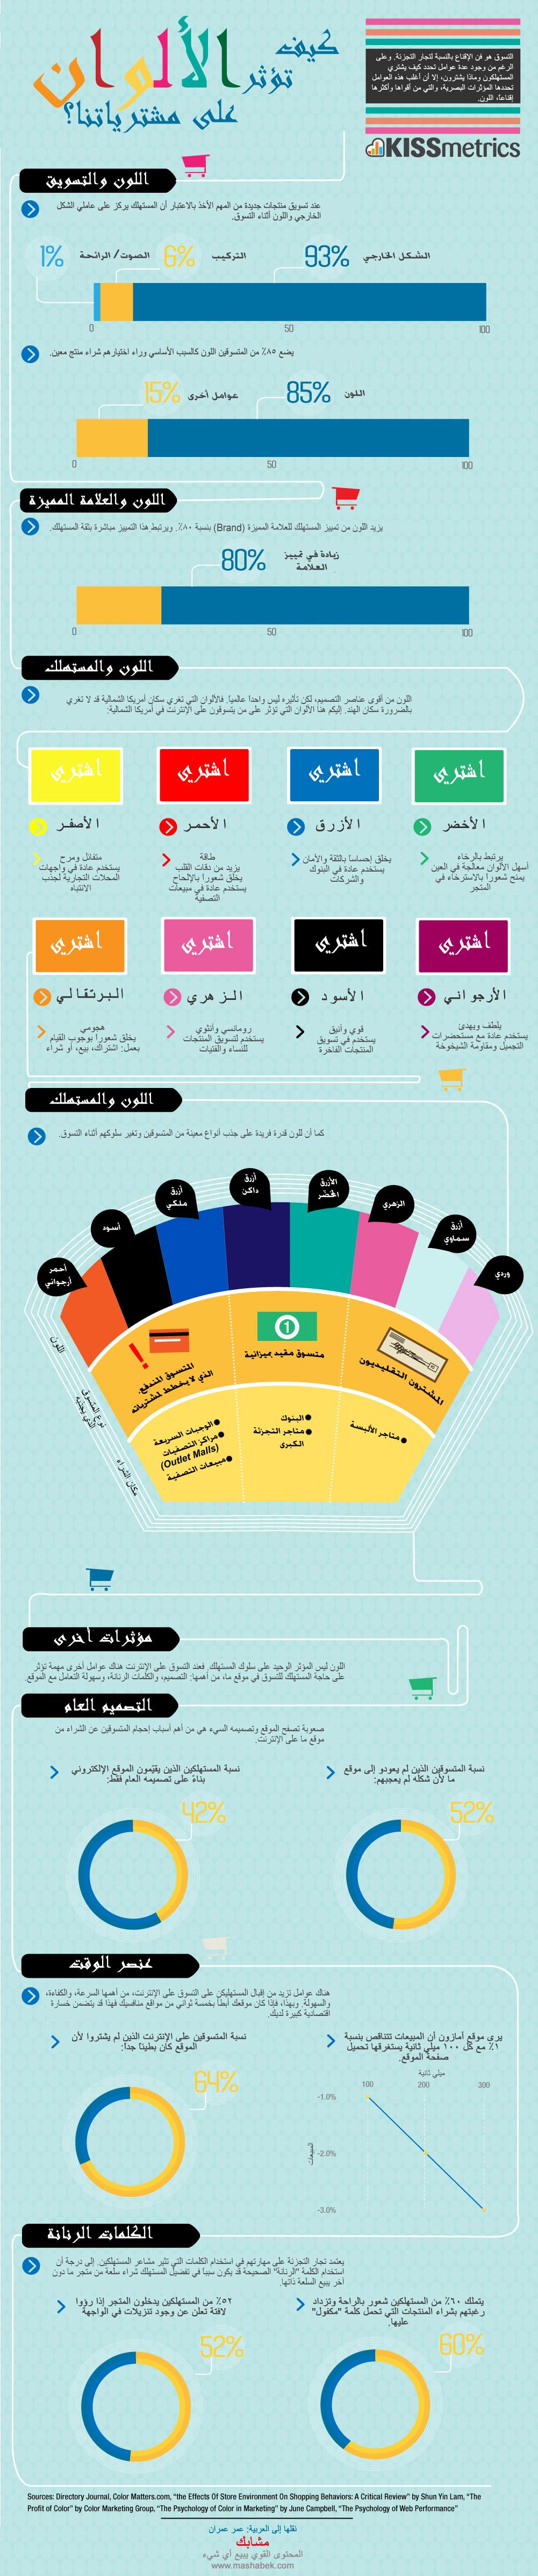 كيف تؤثر الألوان على مشترياتنا